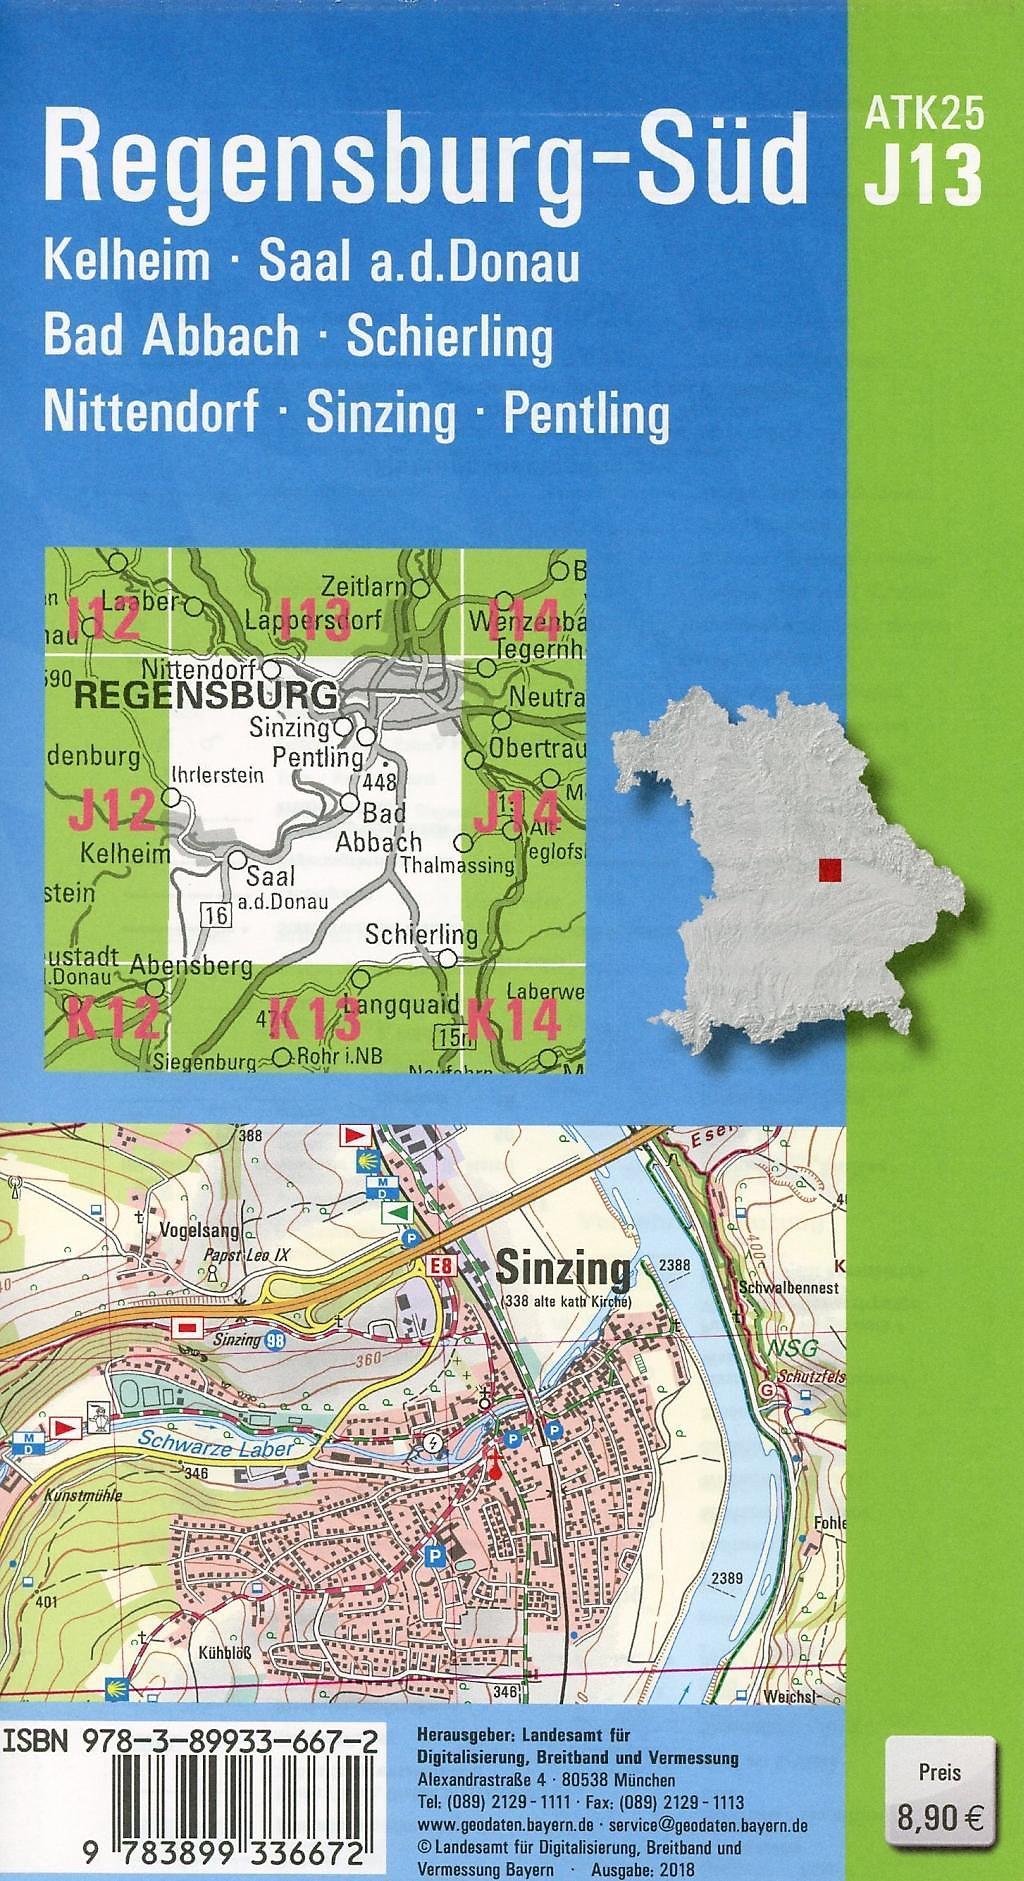 Topographische Karte Bayern.Amtliche Topographische Karte Bayern Regensburg Süd Buch Bestellen